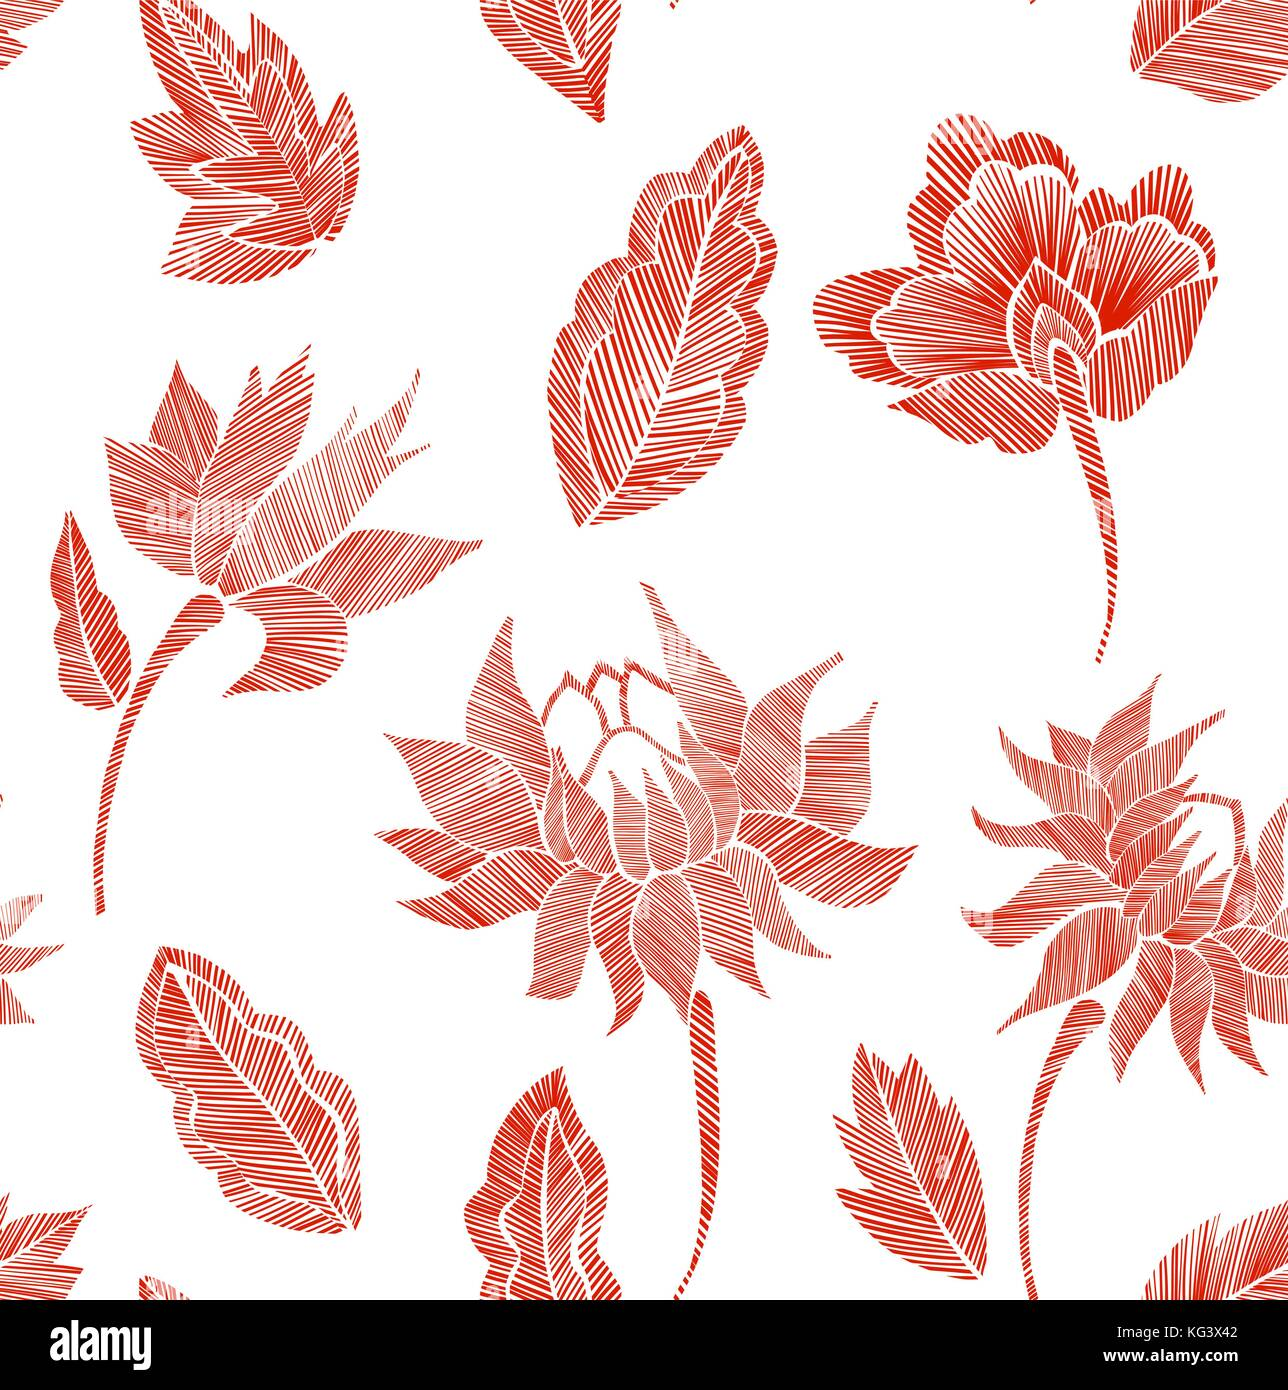 Embroidery Vector Vectors Imágenes De Stock & Embroidery Vector ...